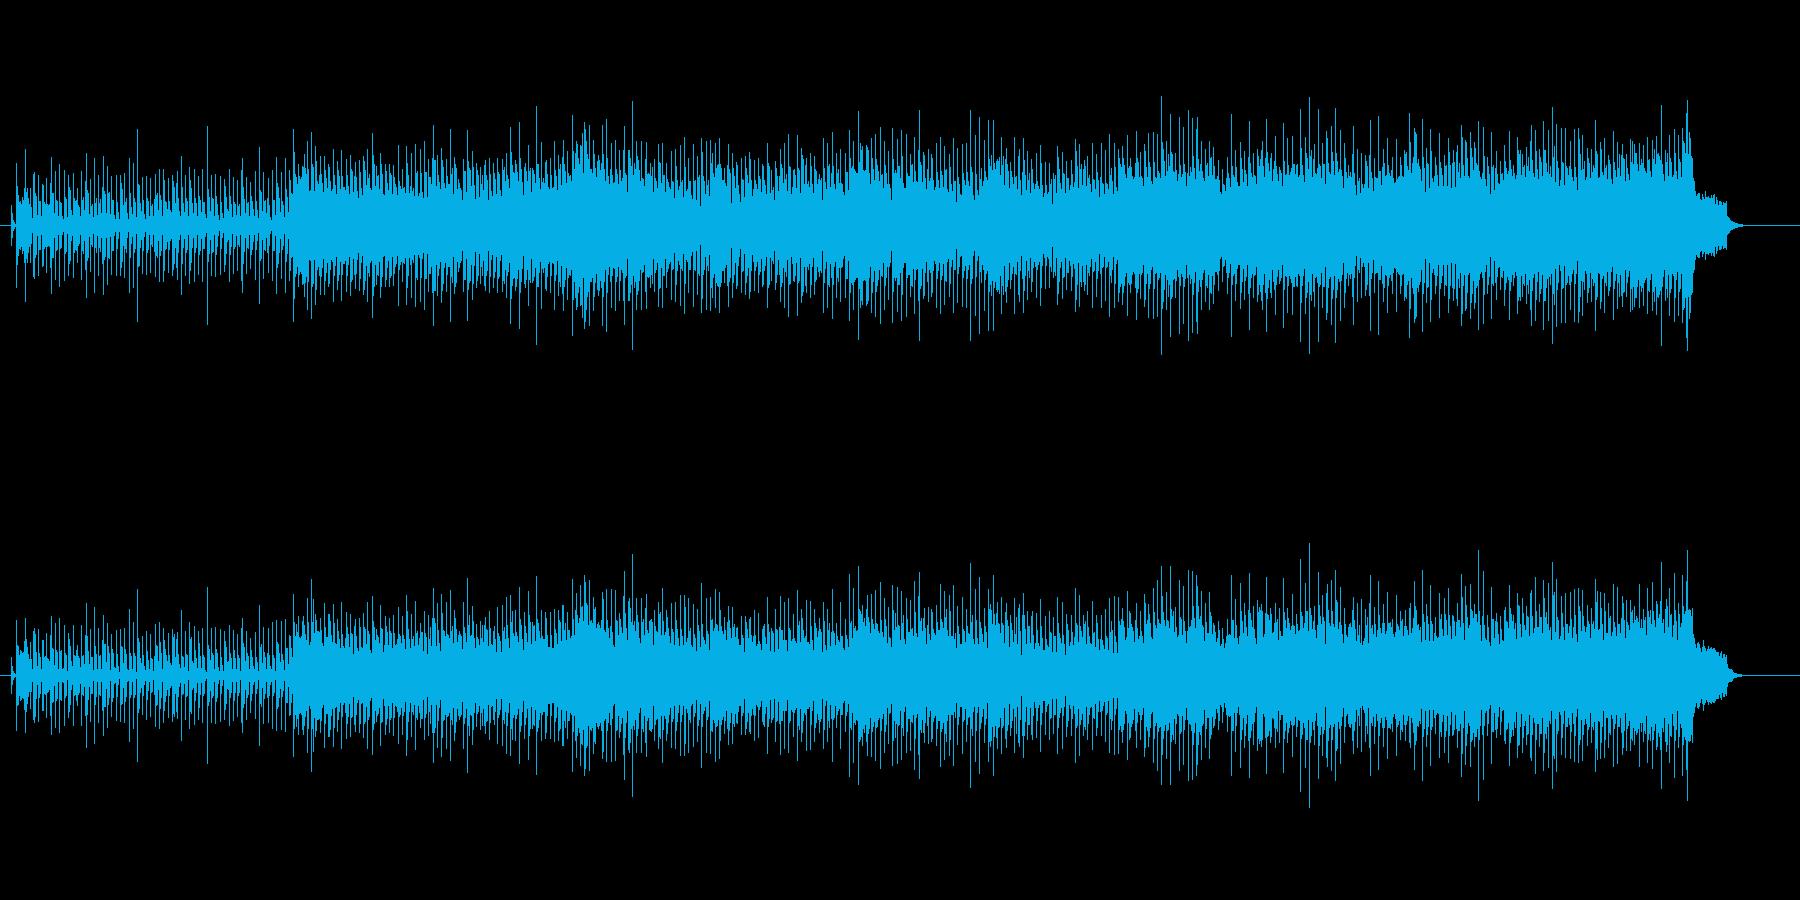 ギターサウンドが印象的なハードなナンバーの再生済みの波形